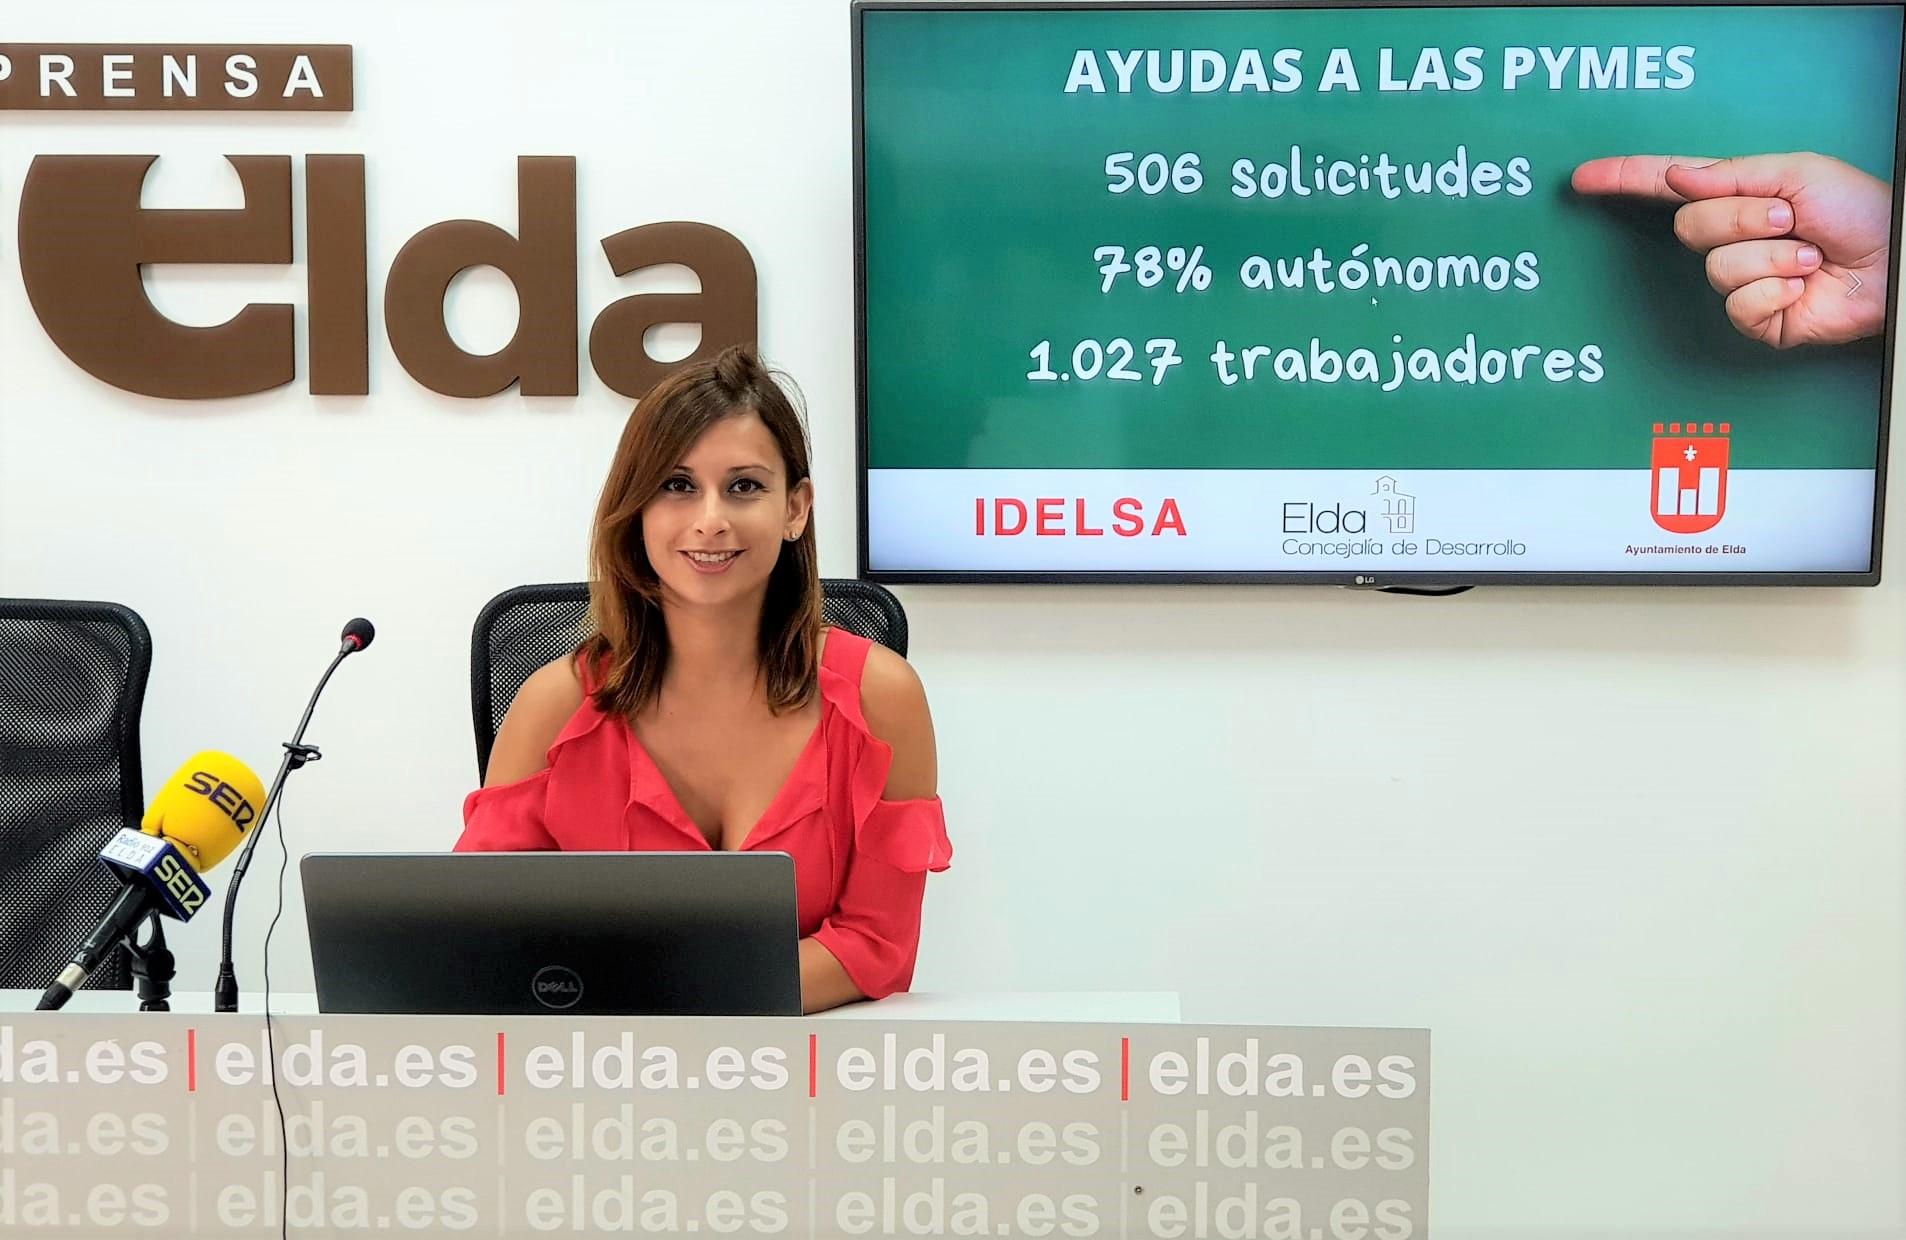 El Ayuntamiento de Elda ha recibido 506 solicitudes para el cobro de las ayudas económicas a autónomos y pymes